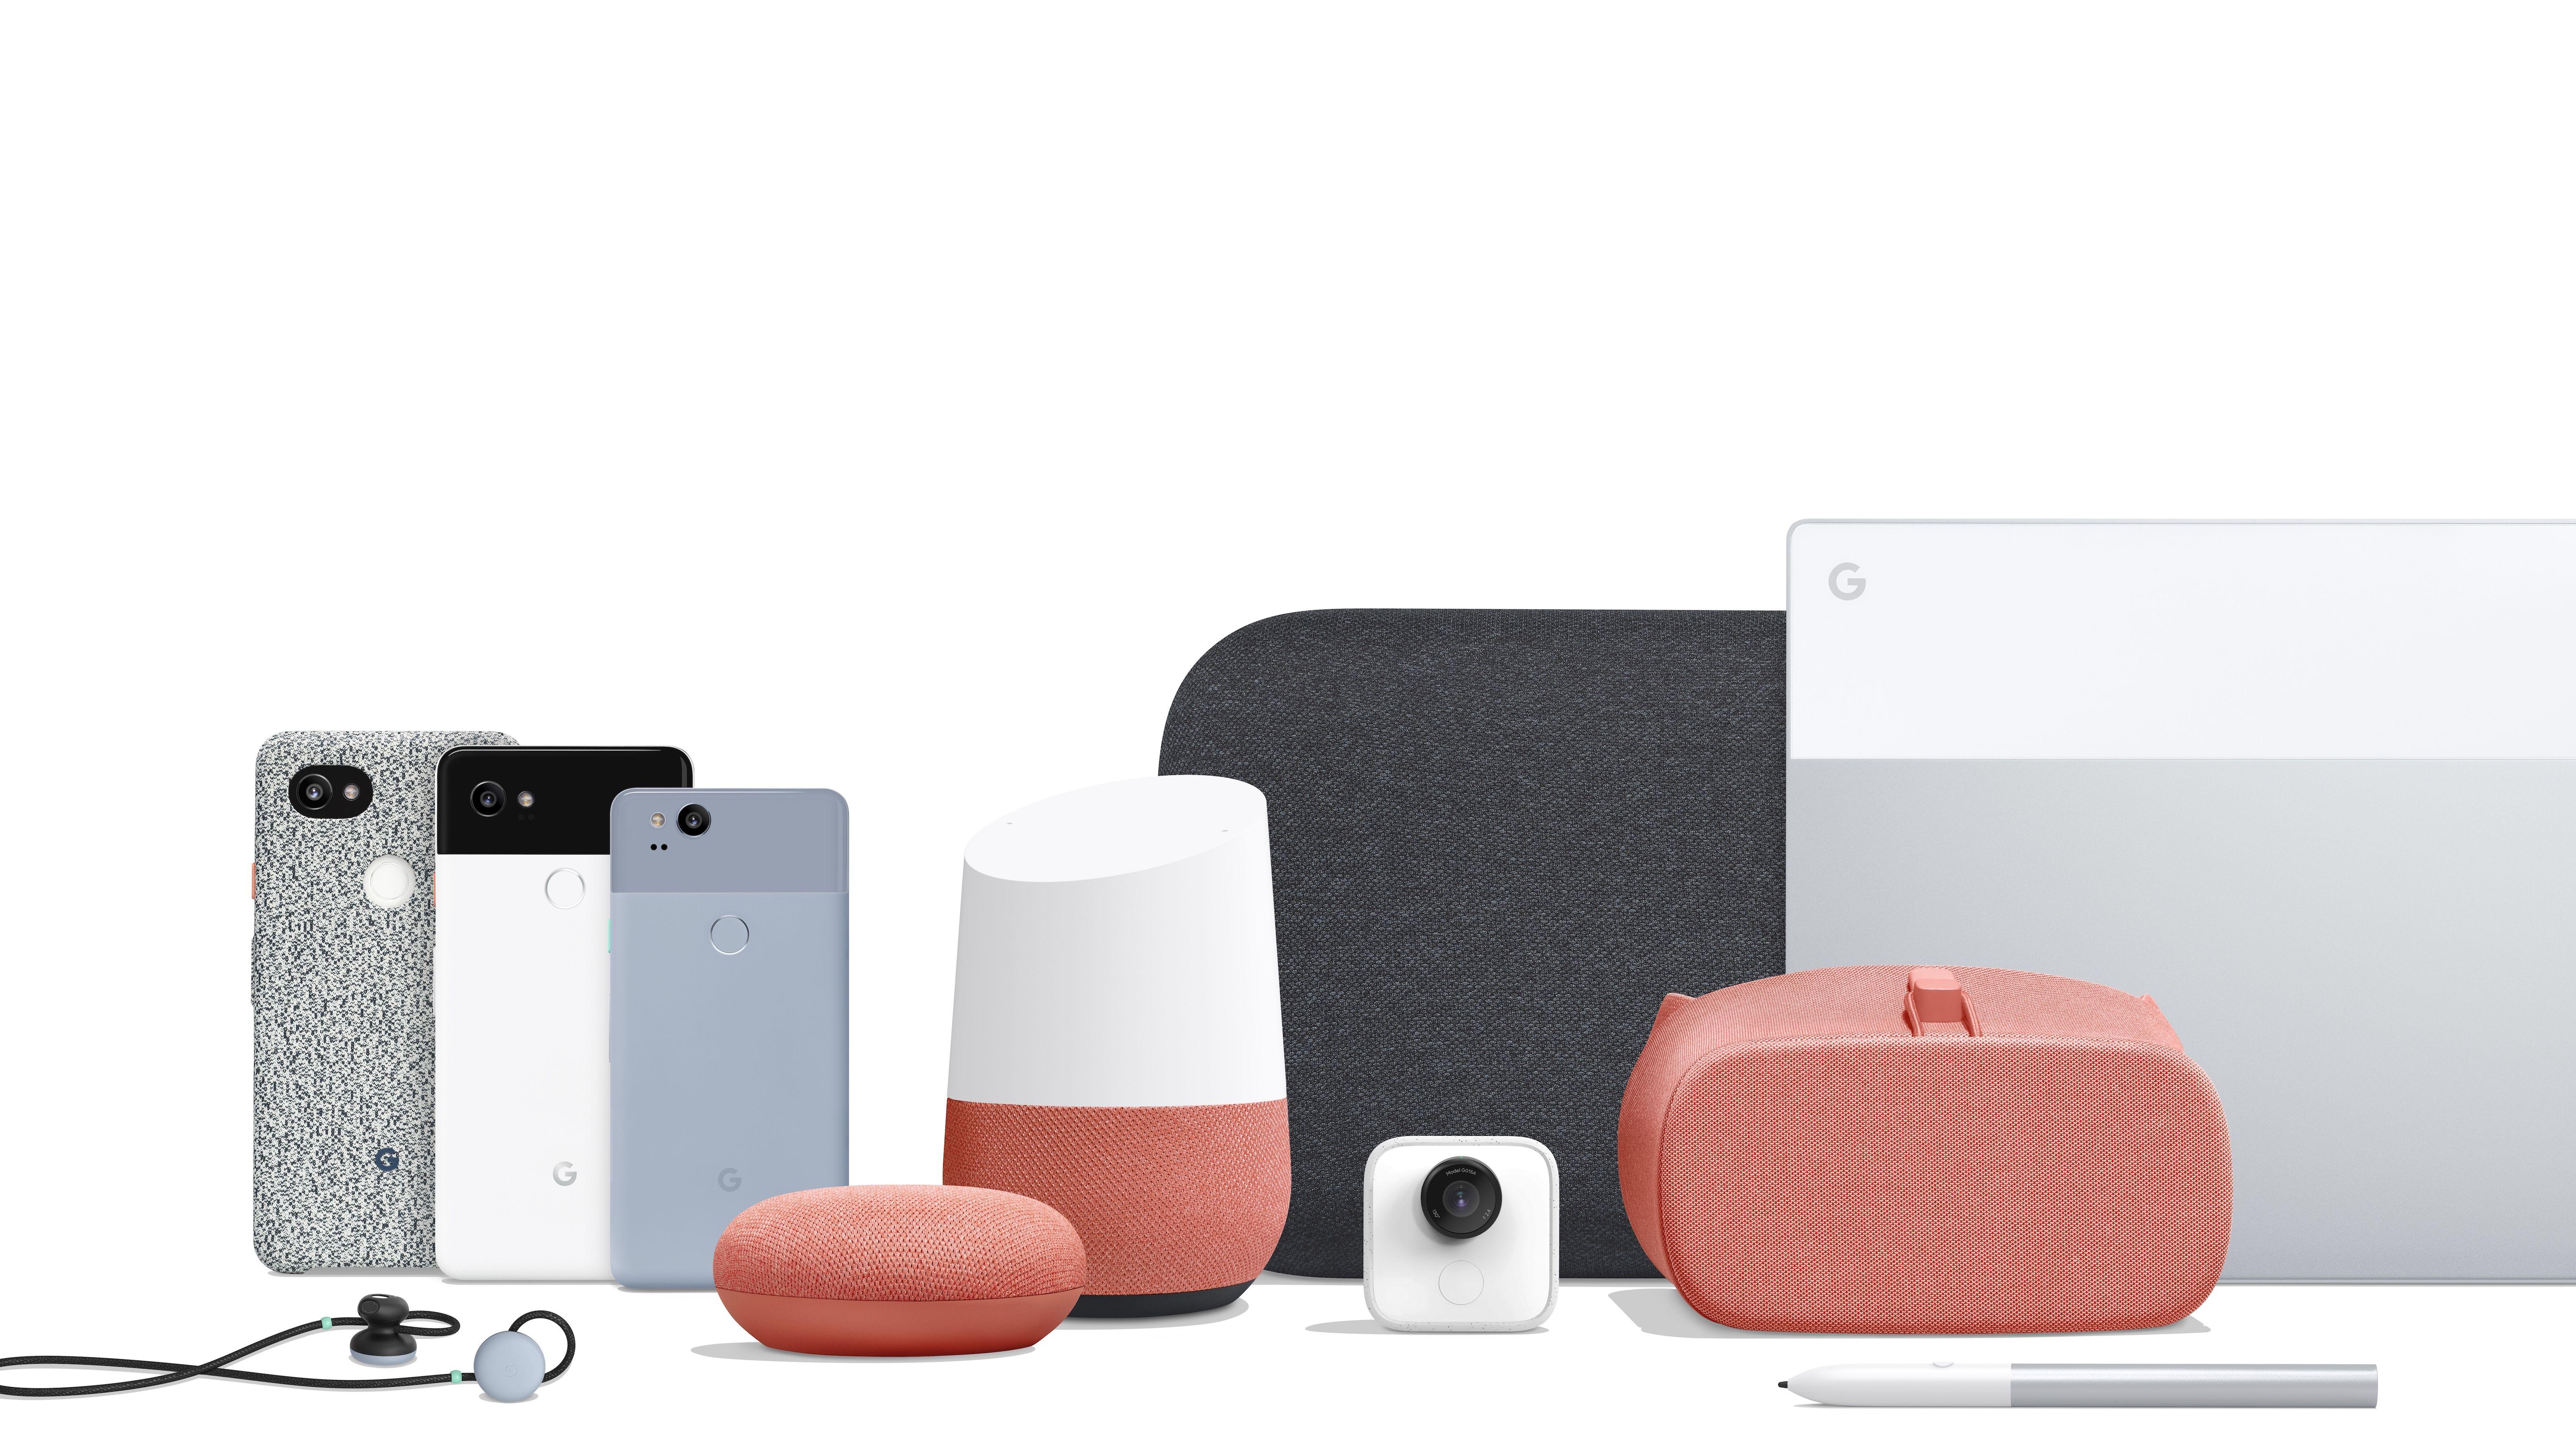 グーグル新製品ラッシュから見えた、コンピューティングの未来